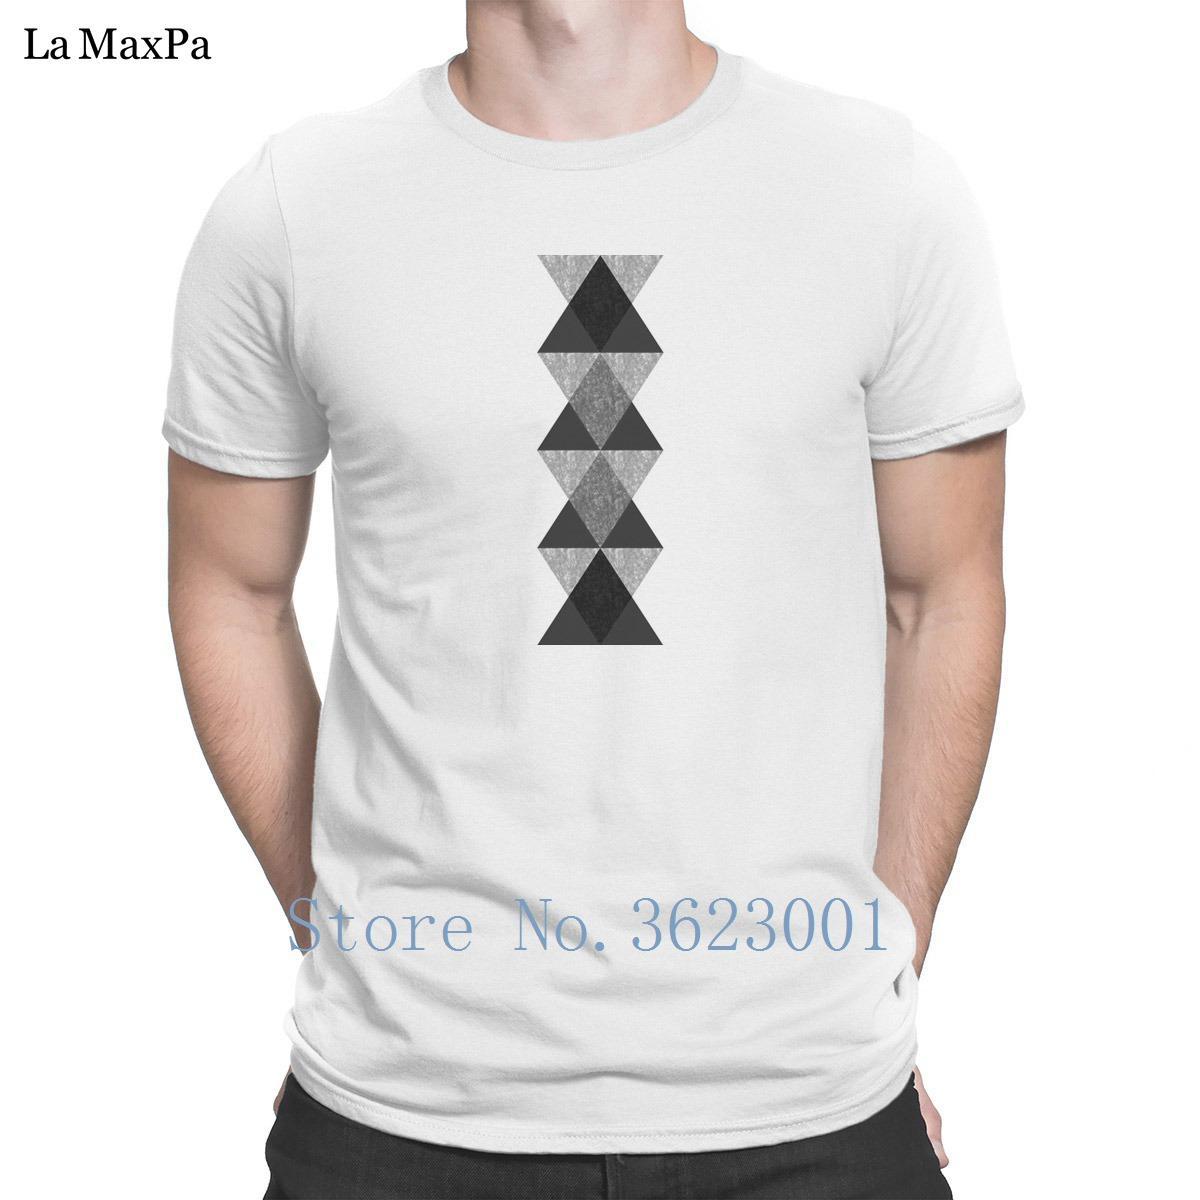 Creature Fit Männer Totem Zusammenfassung T-Shirt Sommer-Art-Familien-T-Shirts Kurzarm T-Shirt Man Classical Letters